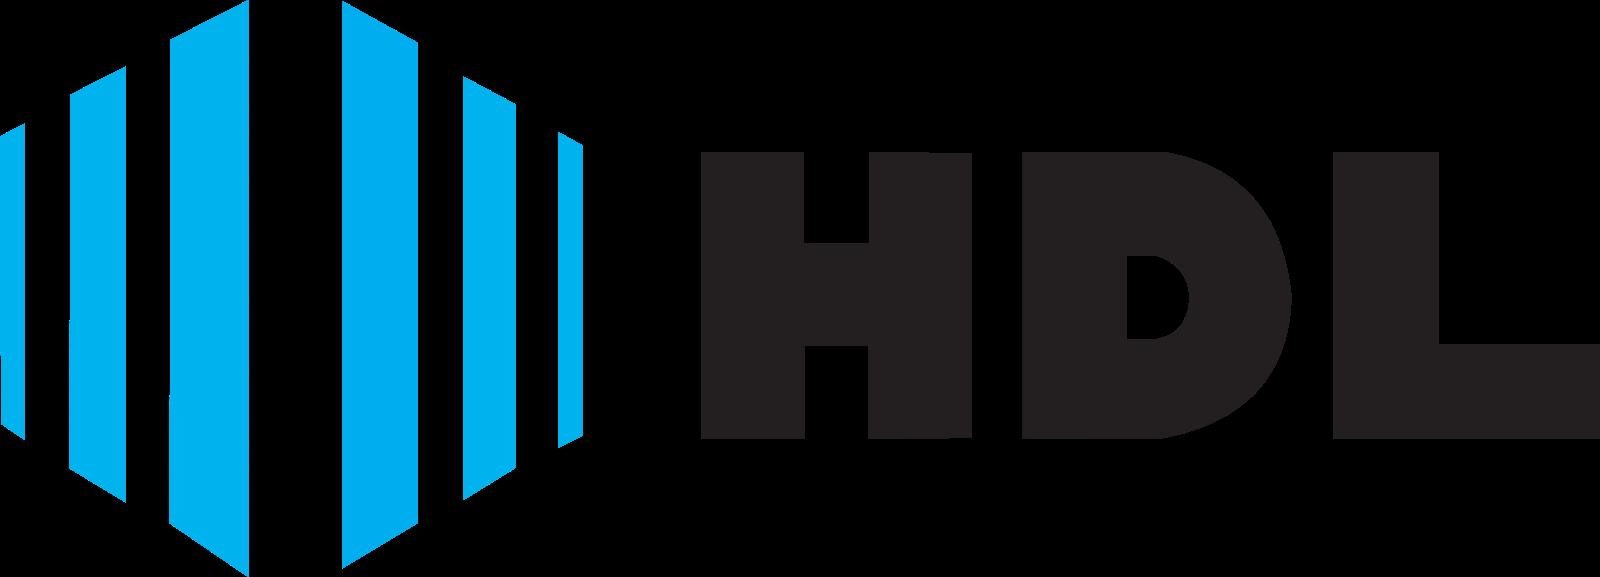 hdl logo 2 - HDL Logo